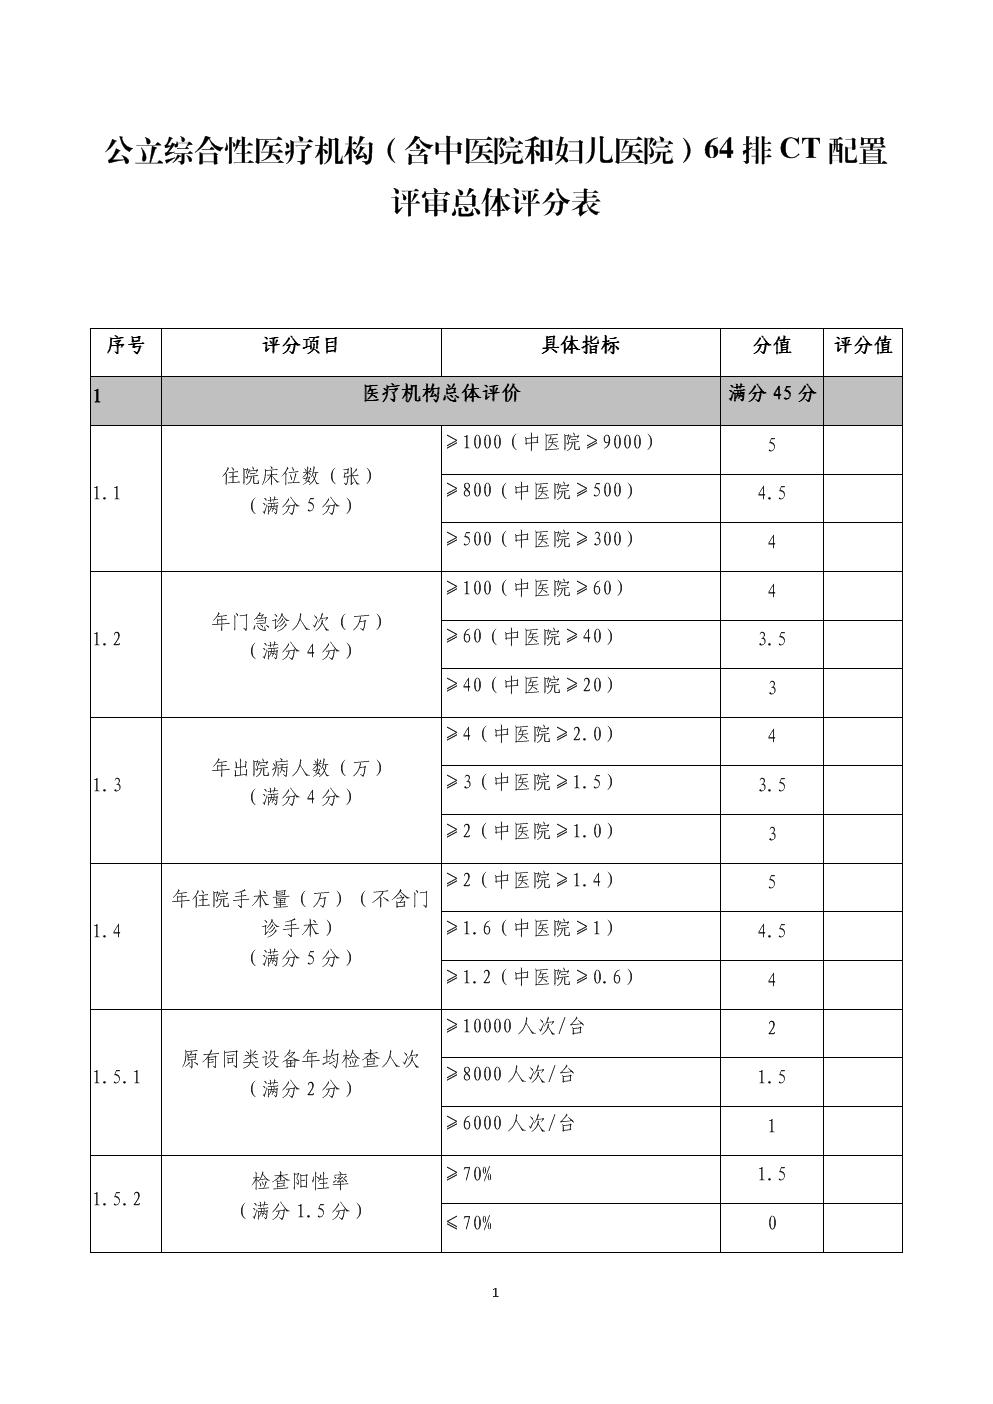 公立综合性医疗机构(含中医院和妇儿医院)64排CT配置评审总体评分表.docx